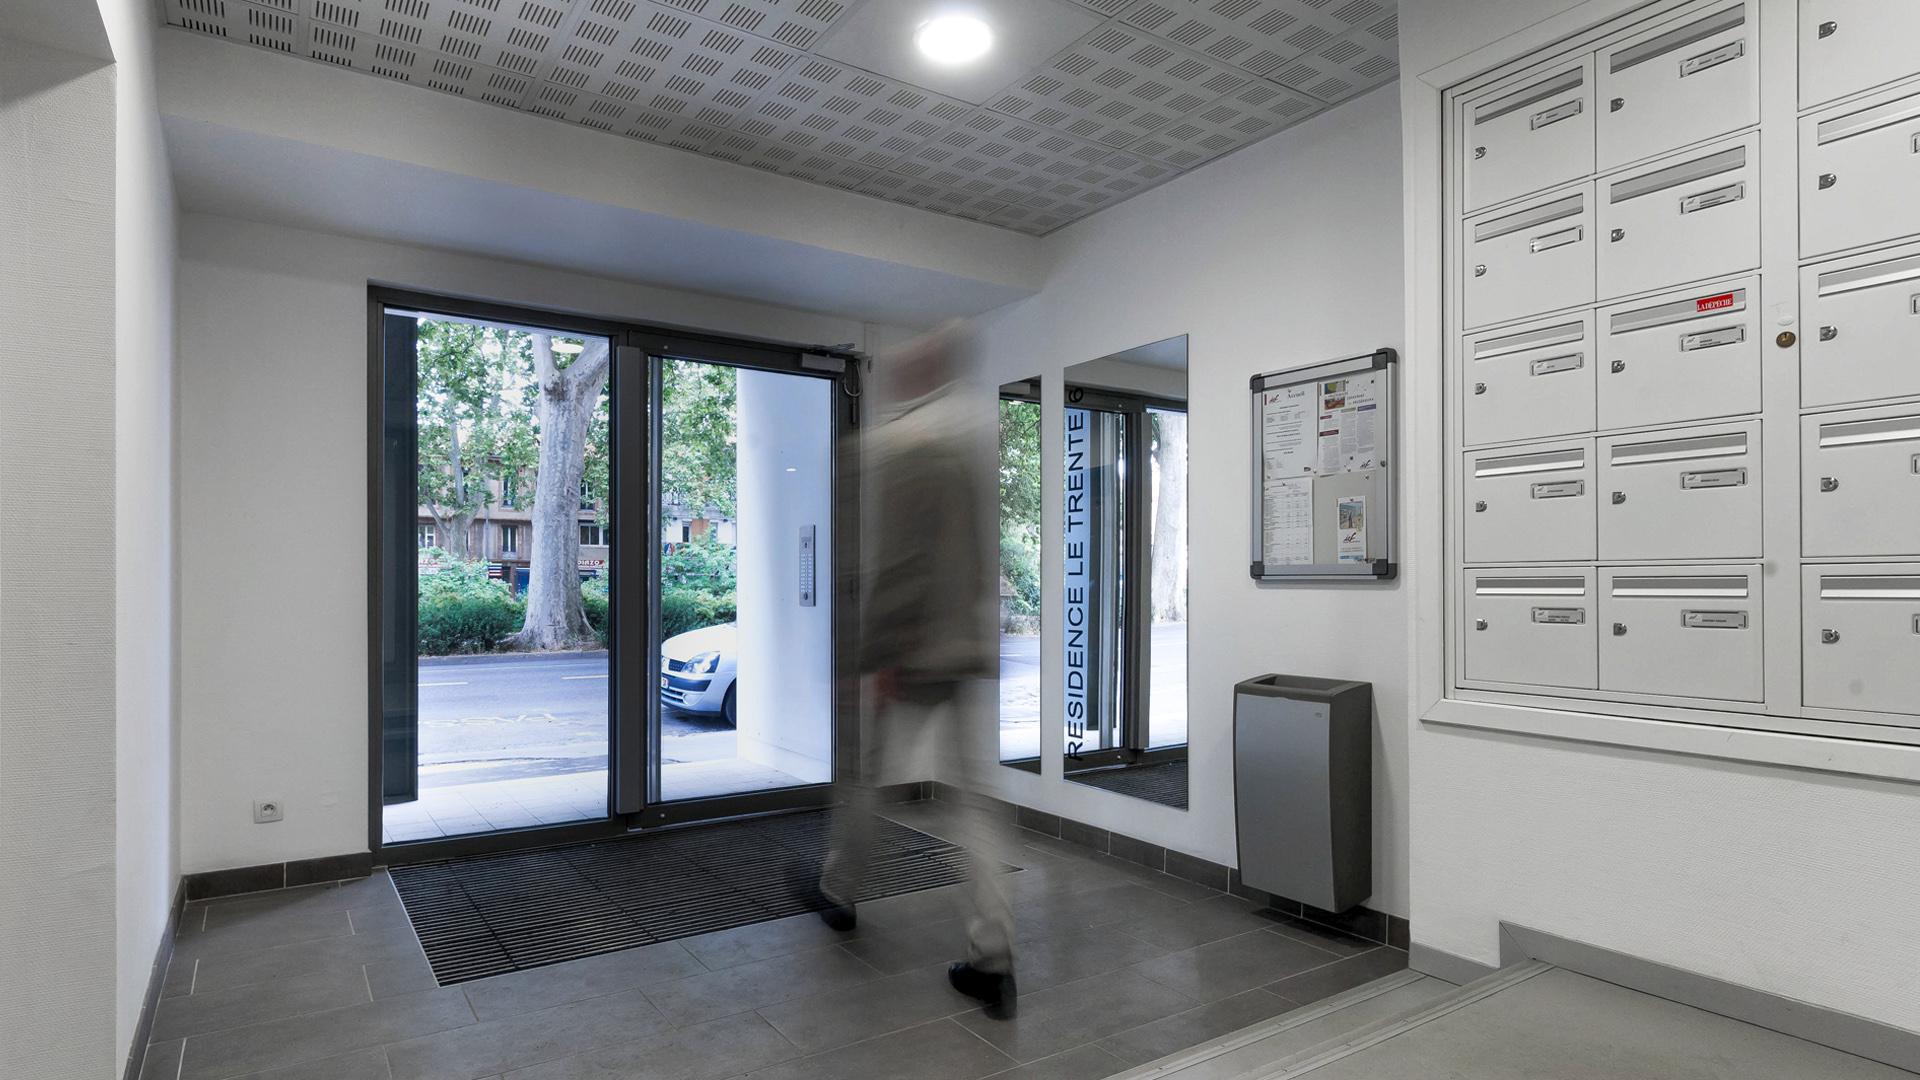 02-Seul-Architecture-Bld-de-la-gare-crédit-Ph.-Stéphane-Brugidou